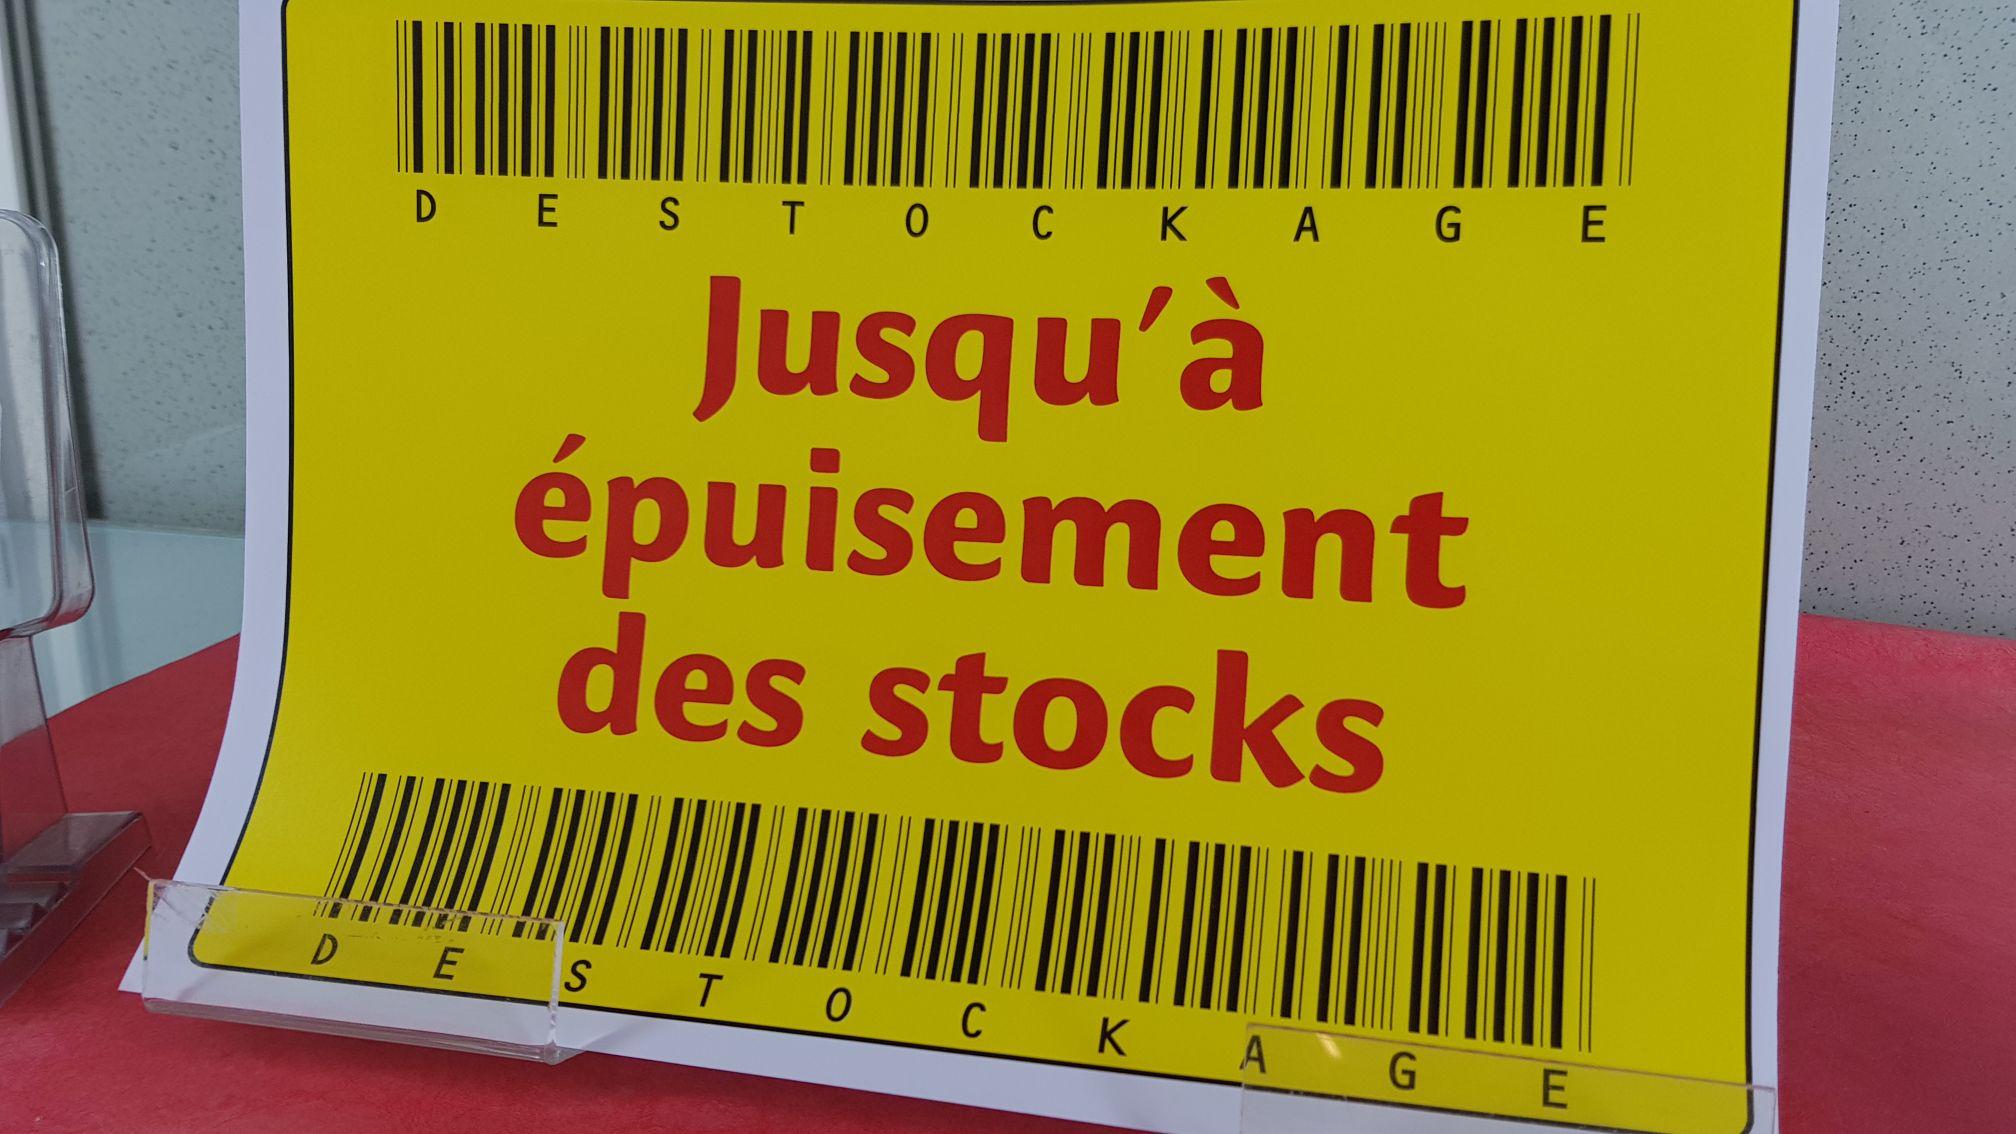 Sélection de produits à 1€ en Déstockage - Carautoroutes Brumath Ouest A4 (67)